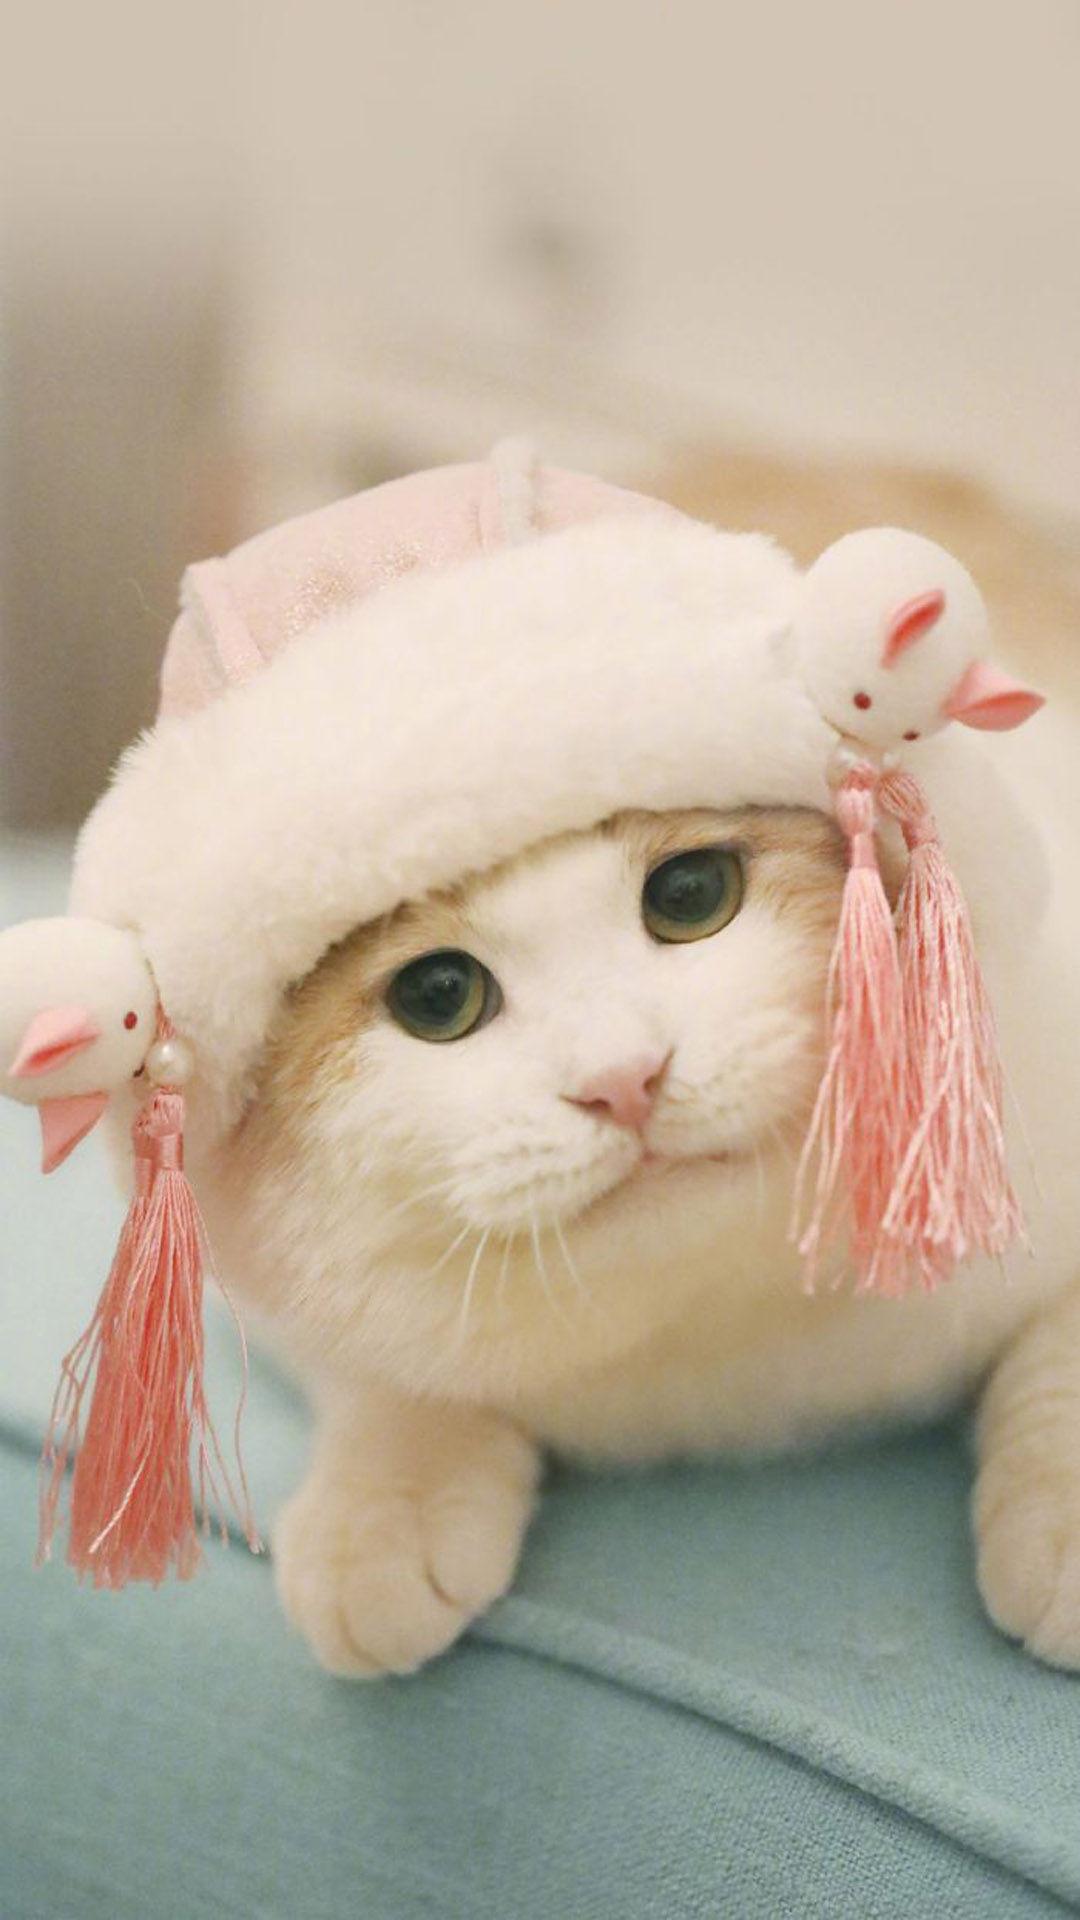 动物篇 肥嘟嘟可爱软萌猫咪图片 手机壁纸